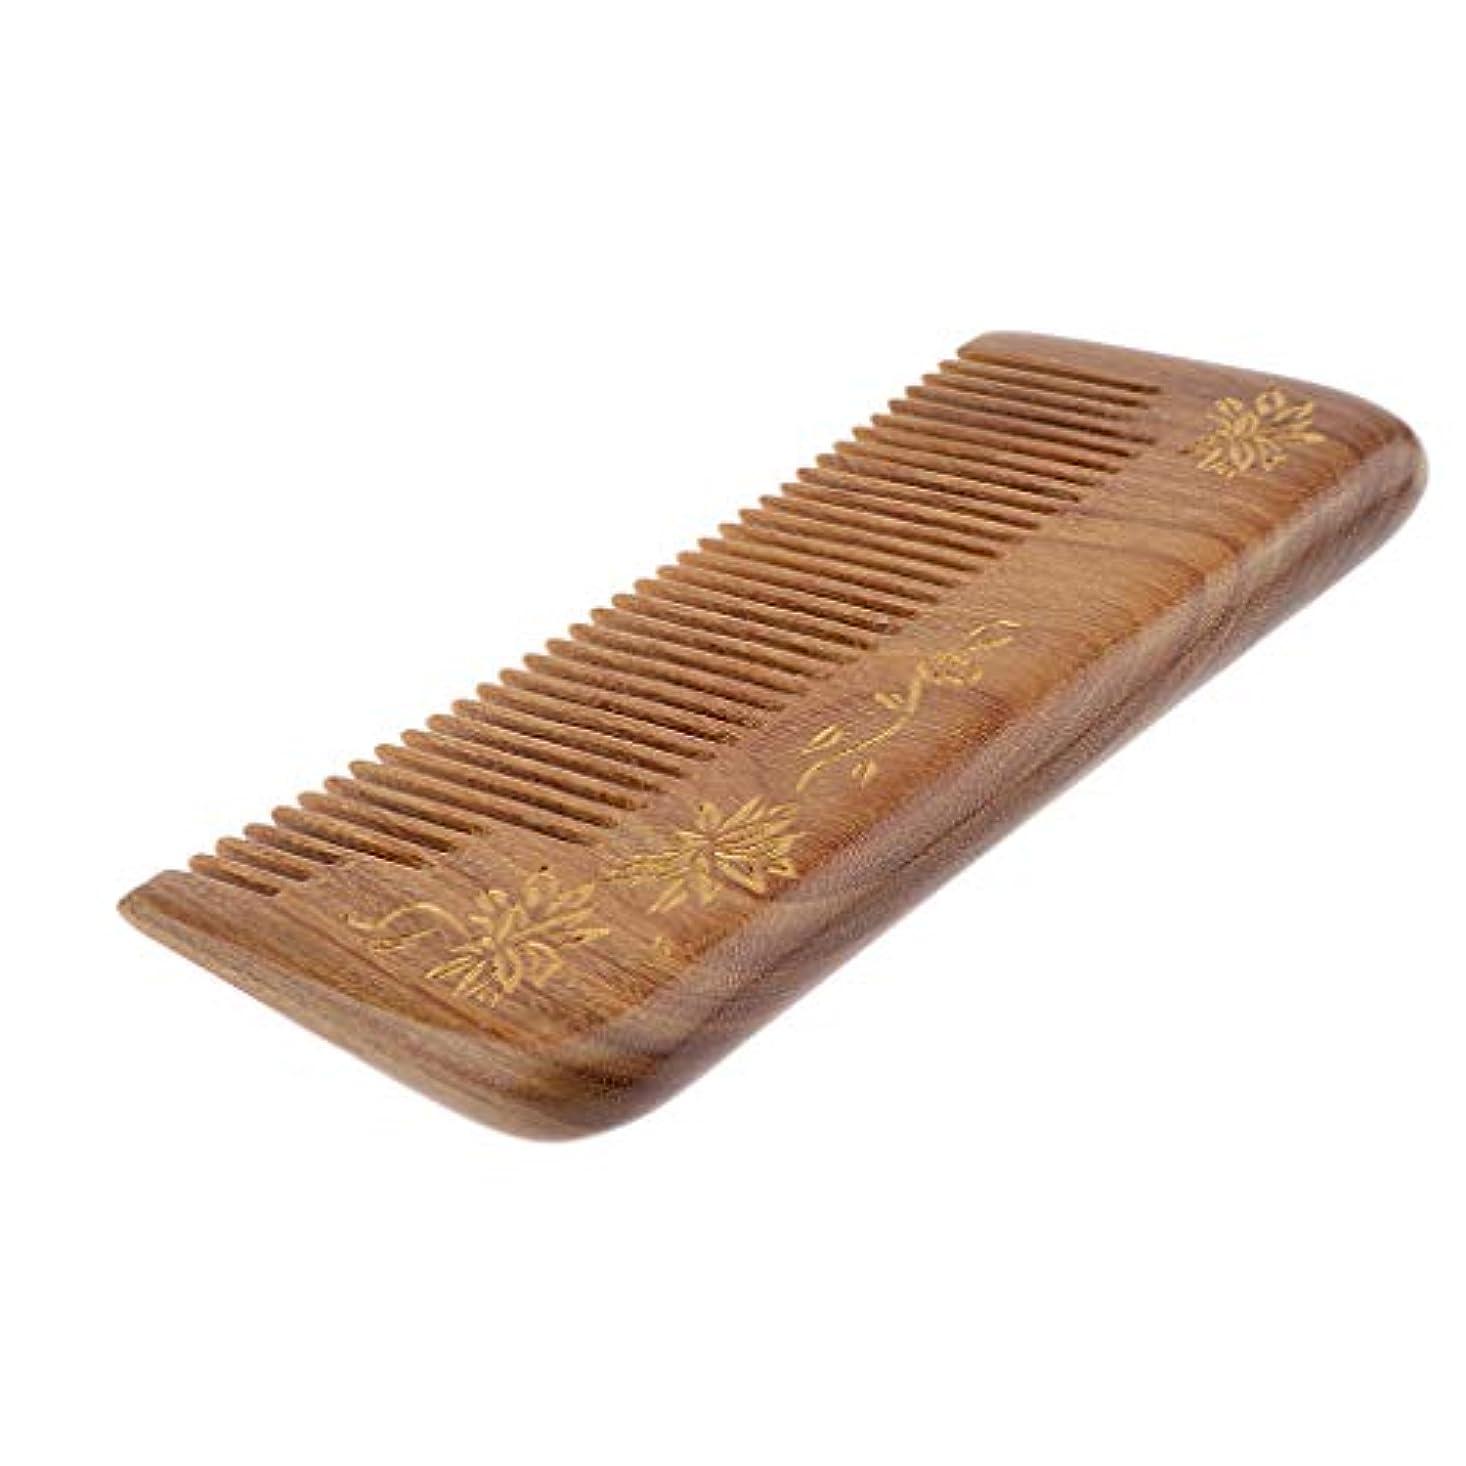 デイジーによると残高帯電防止櫛 ヘアブラシ 木製櫛 広い歯 自然な木 マッサージ櫛 プレゼント 4仕様選べ - #3